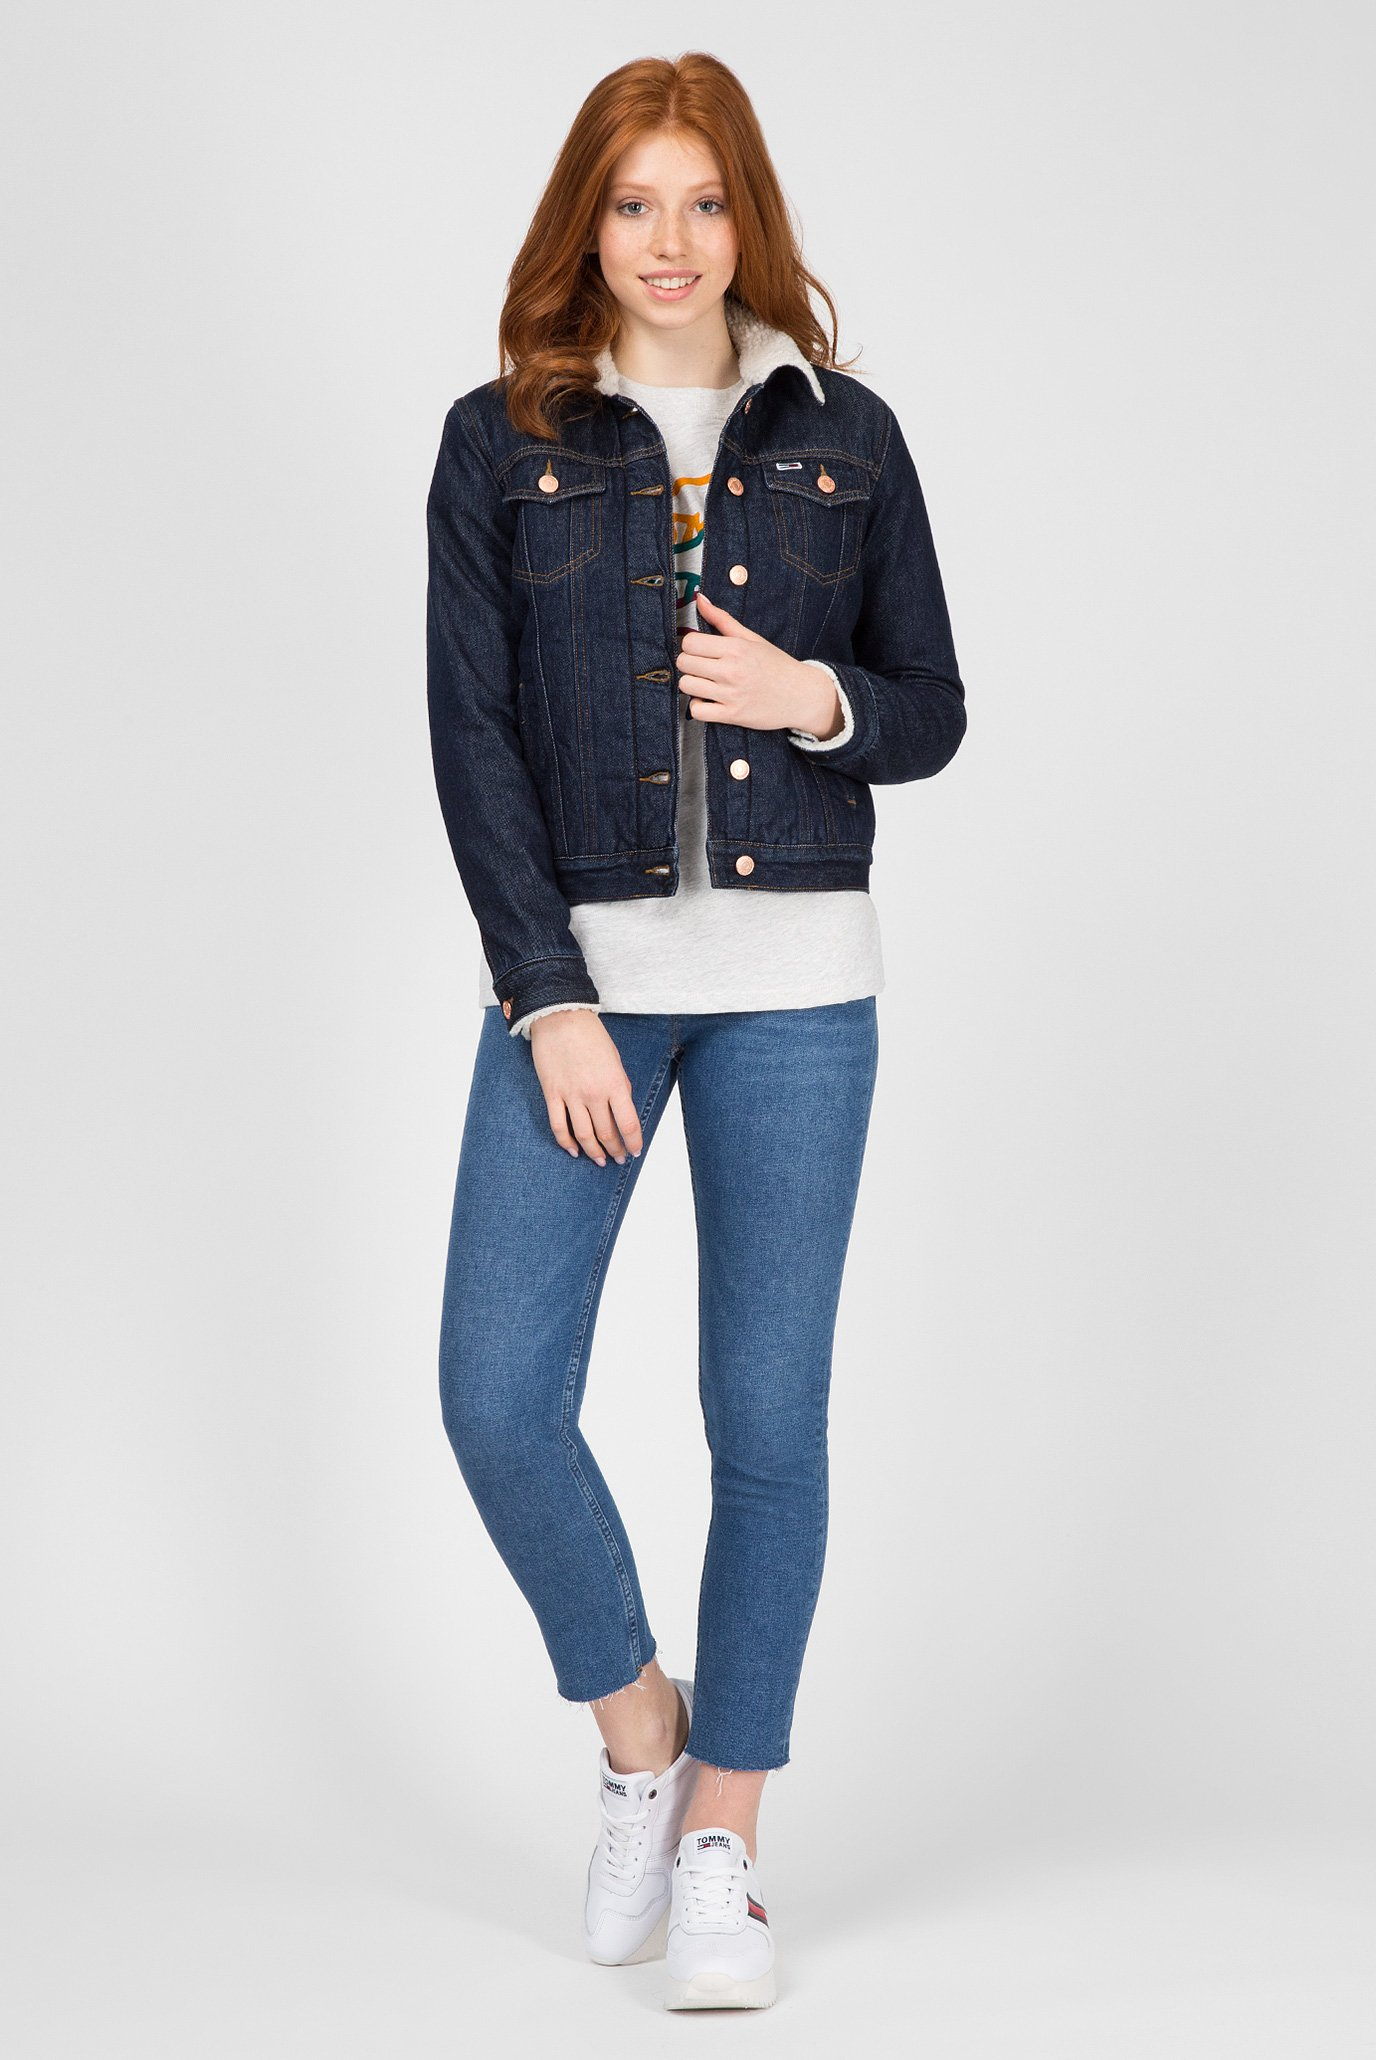 Купить Женская синяя джинсовая куртка Tommy Hilfiger Tommy Hilfiger DW0DW05342 – Киев, Украина. Цены в интернет магазине MD Fashion